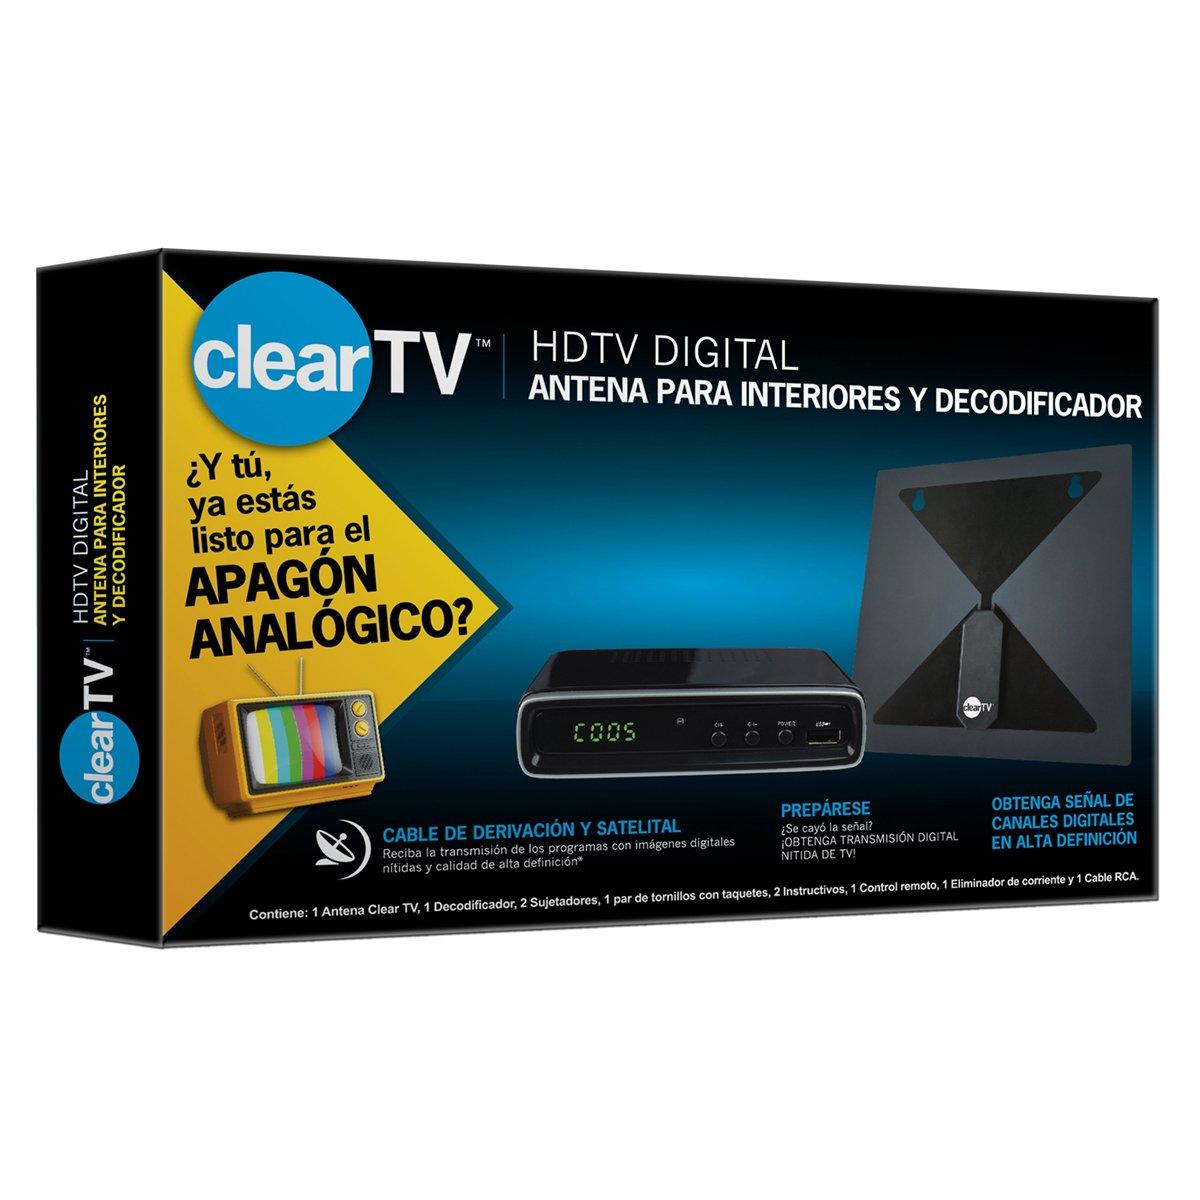 Clear tv antena decodificador sears com mx me entiende for Antenas de tv interiores